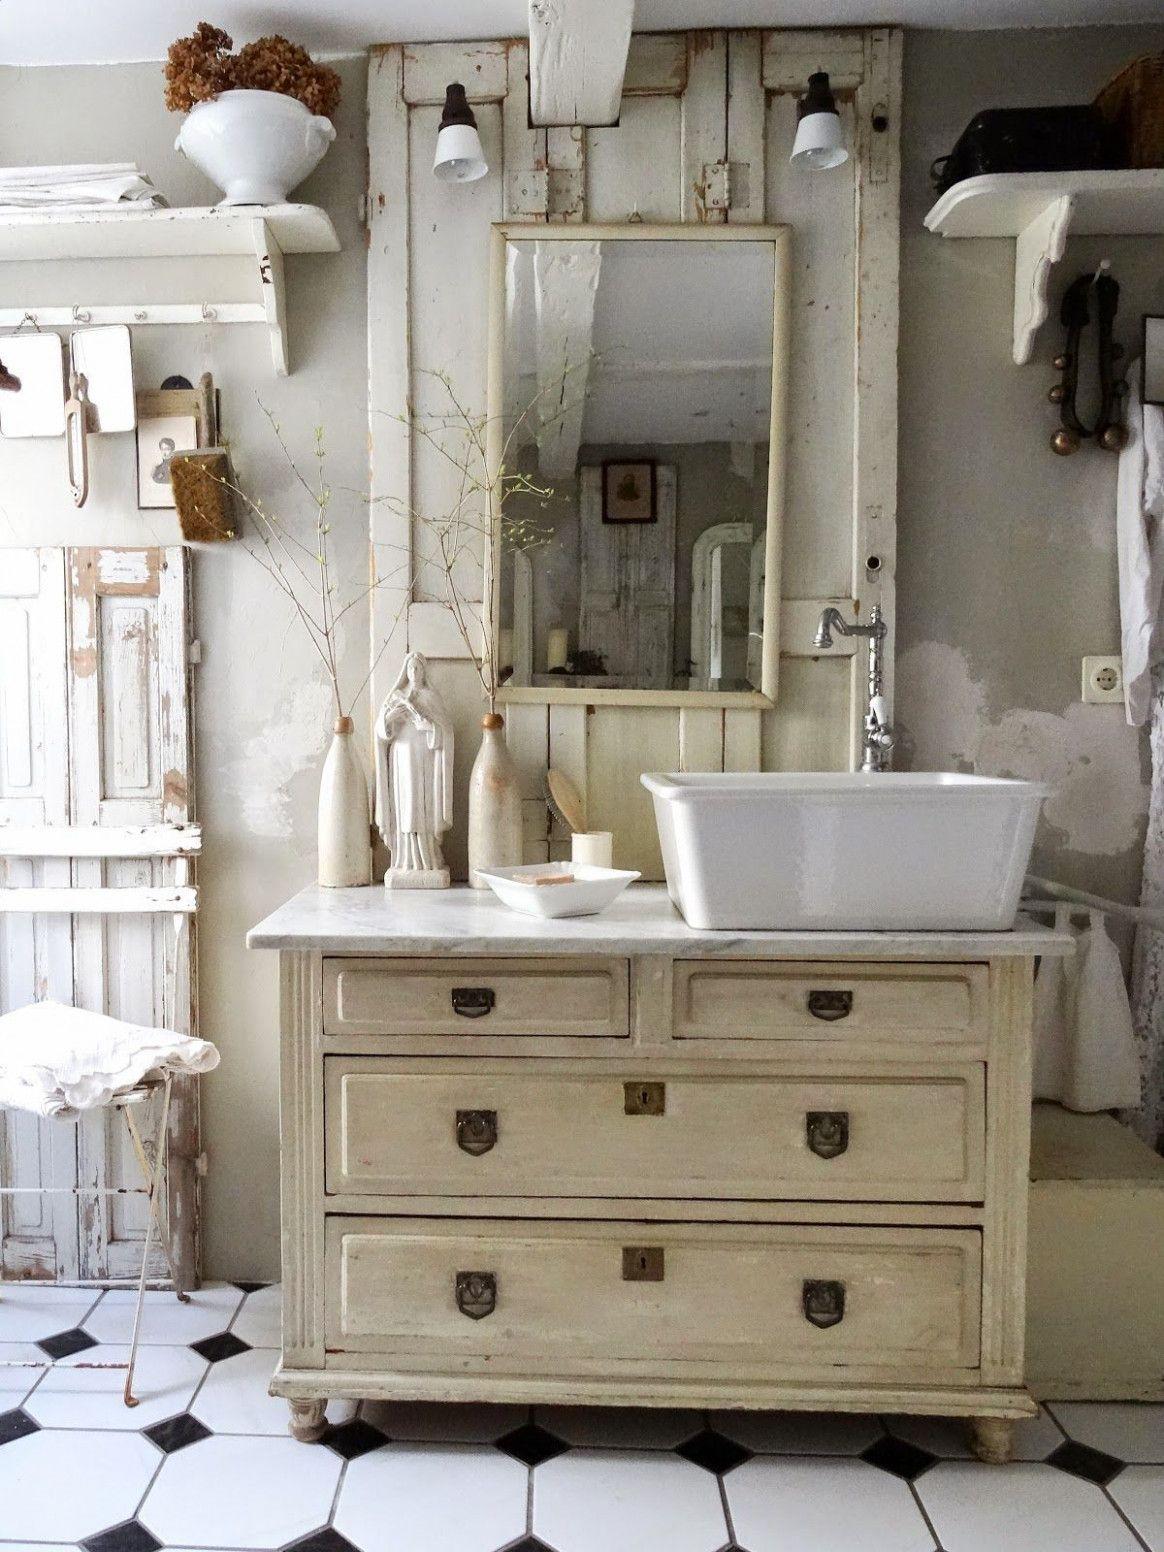 13 Classic Arbeits Deko In 2020 Badezimmer Schrank Vintage Badezimmer Schicke Bader